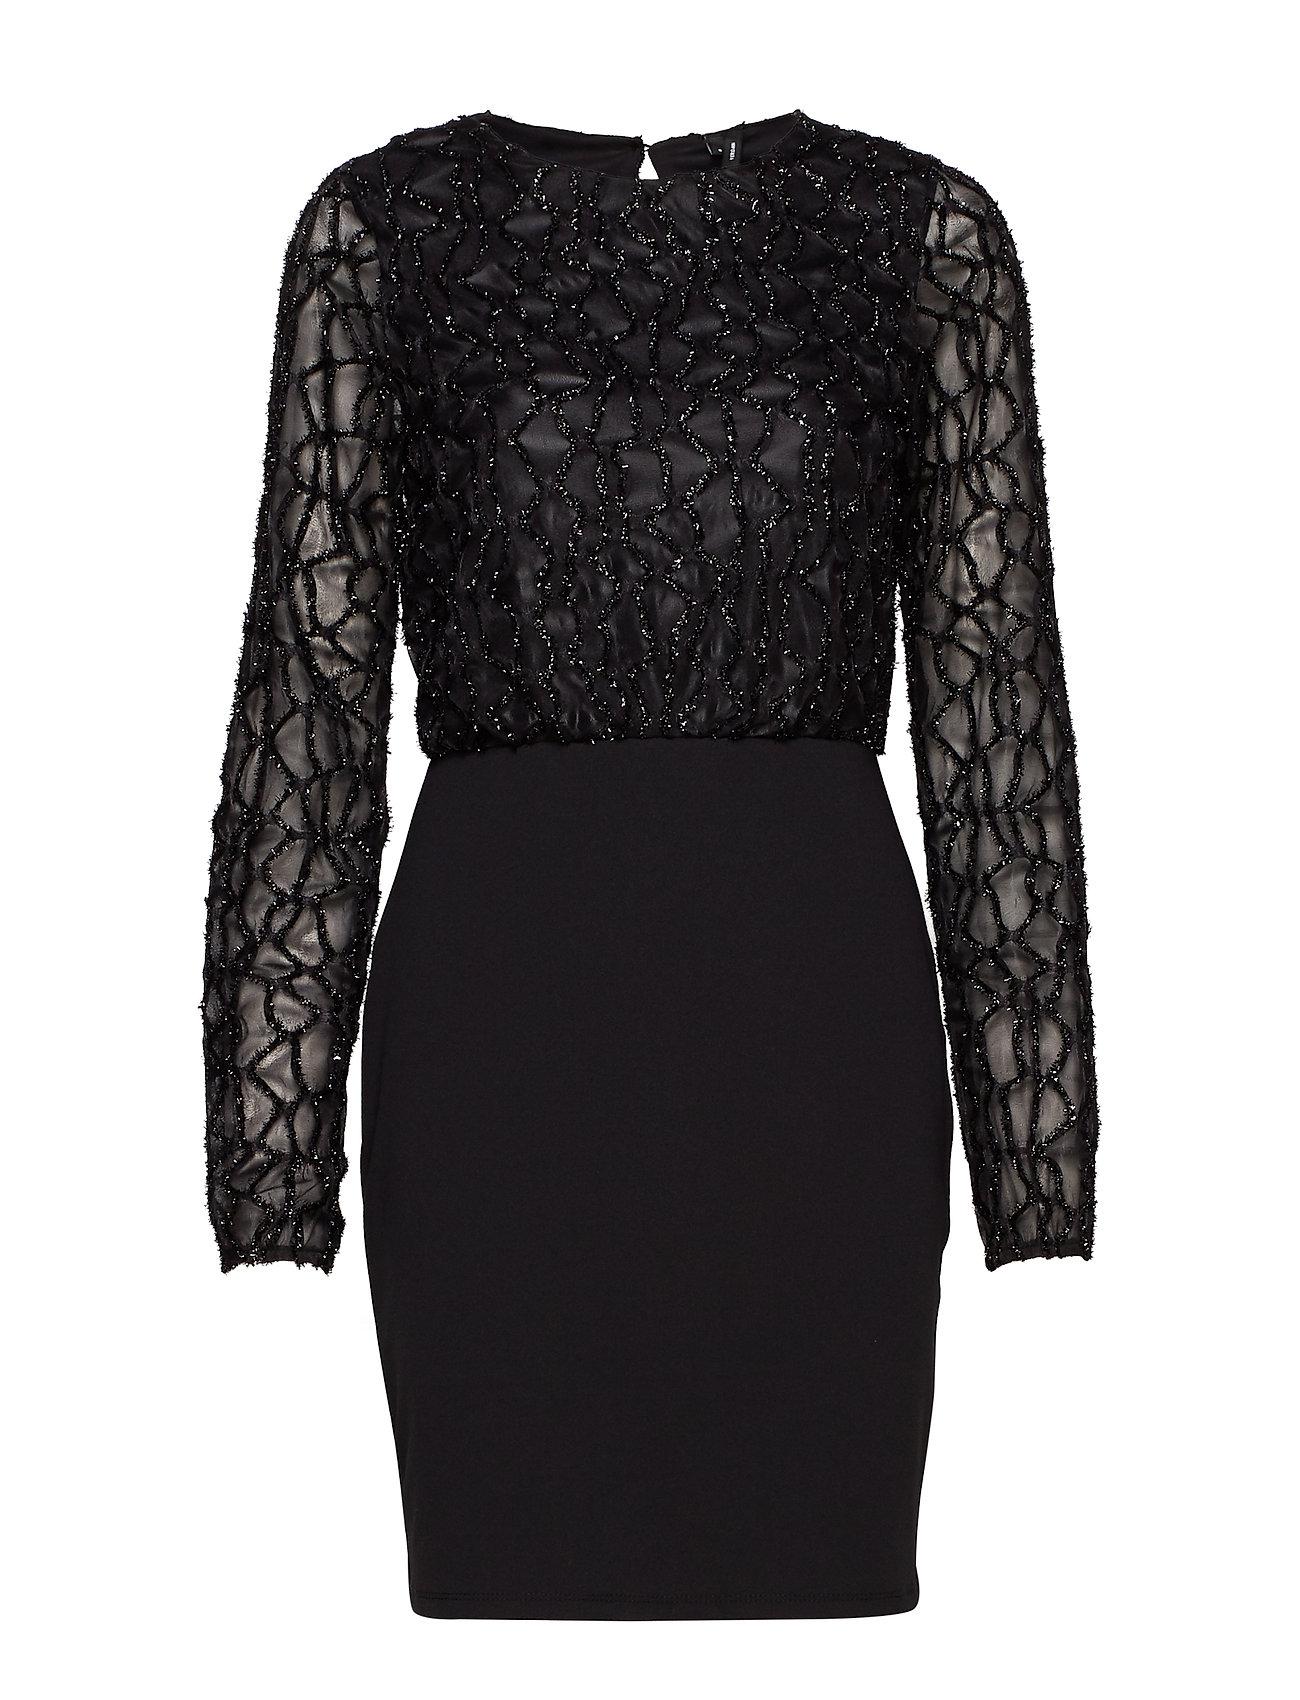 Vero Moda VMDORIS LS SHORT DRESS JRS - BLACK